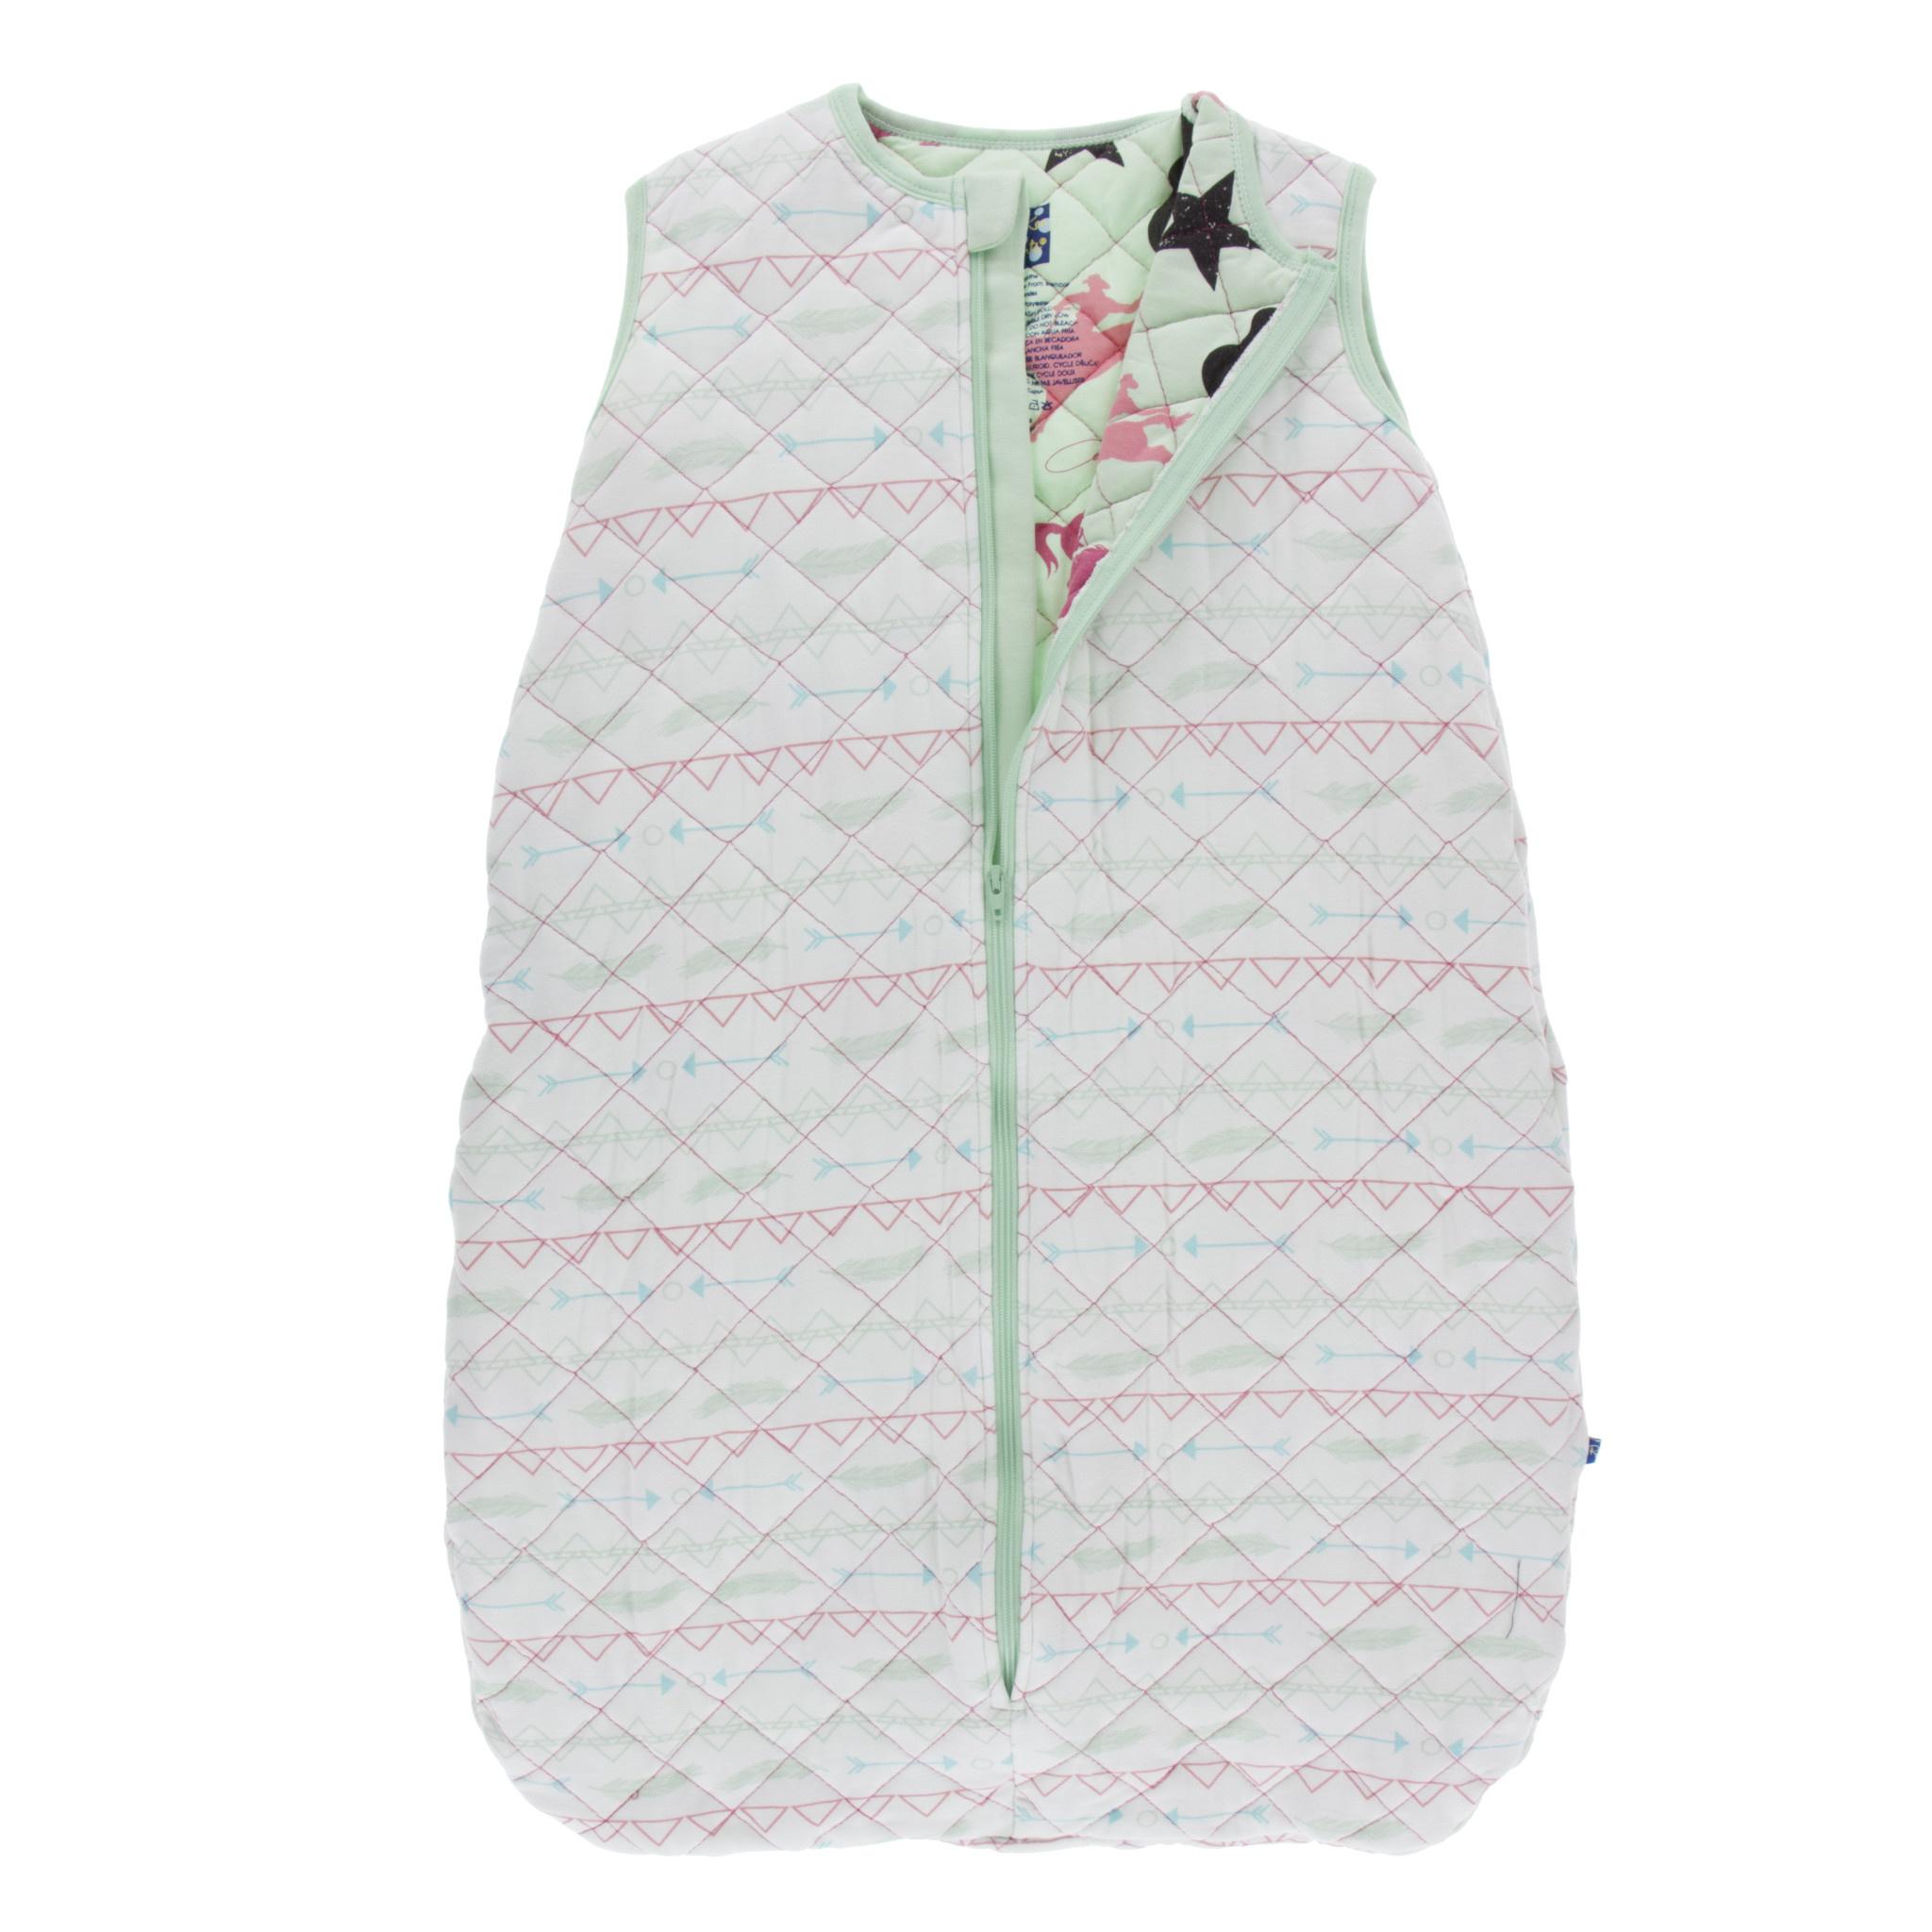 Kickee Pants Kickee Pants Agriculture Quilted Sleep Bag